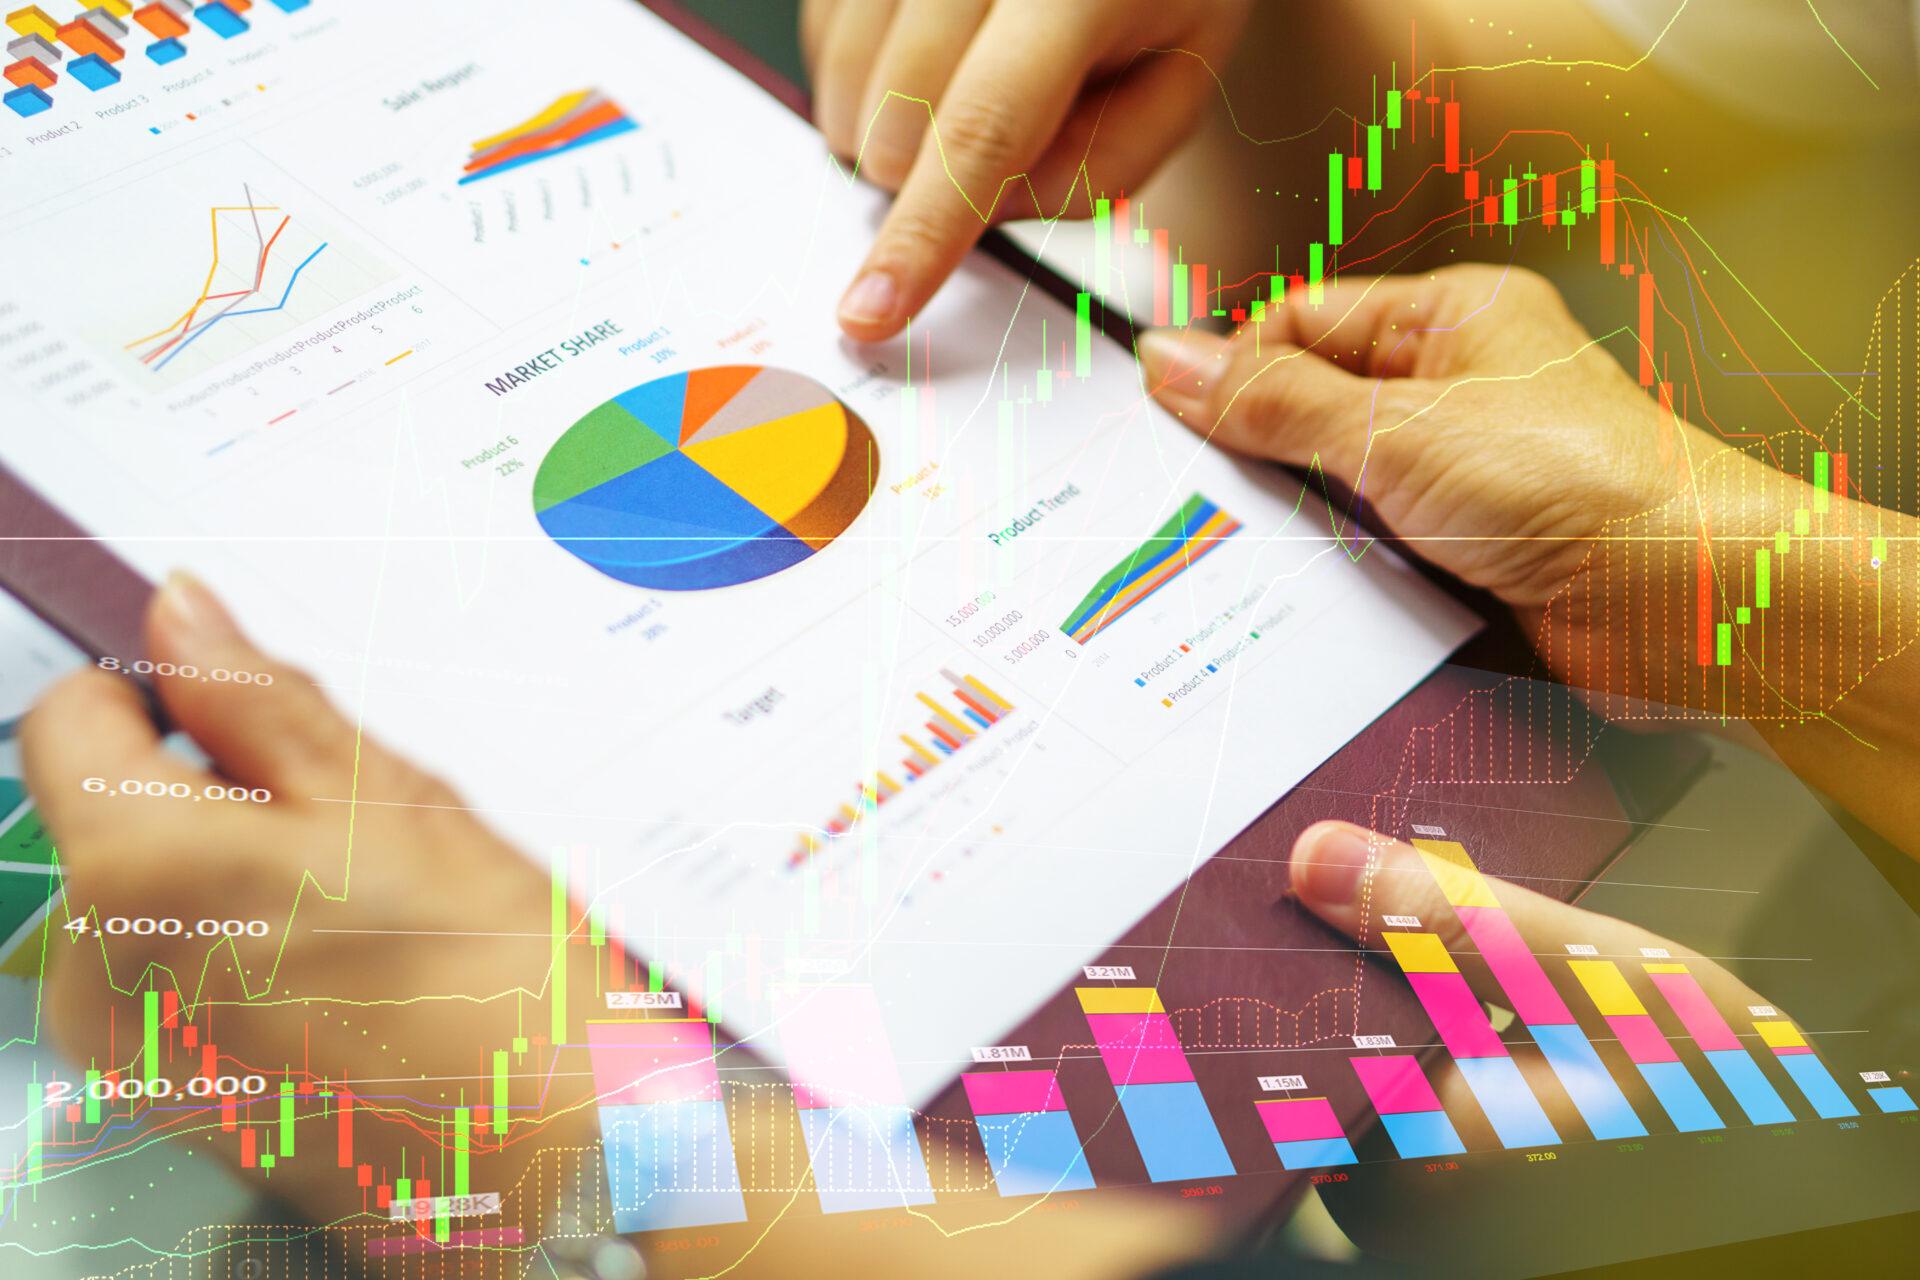 資料作成代行なら、効率よく品質向上を目指せる!